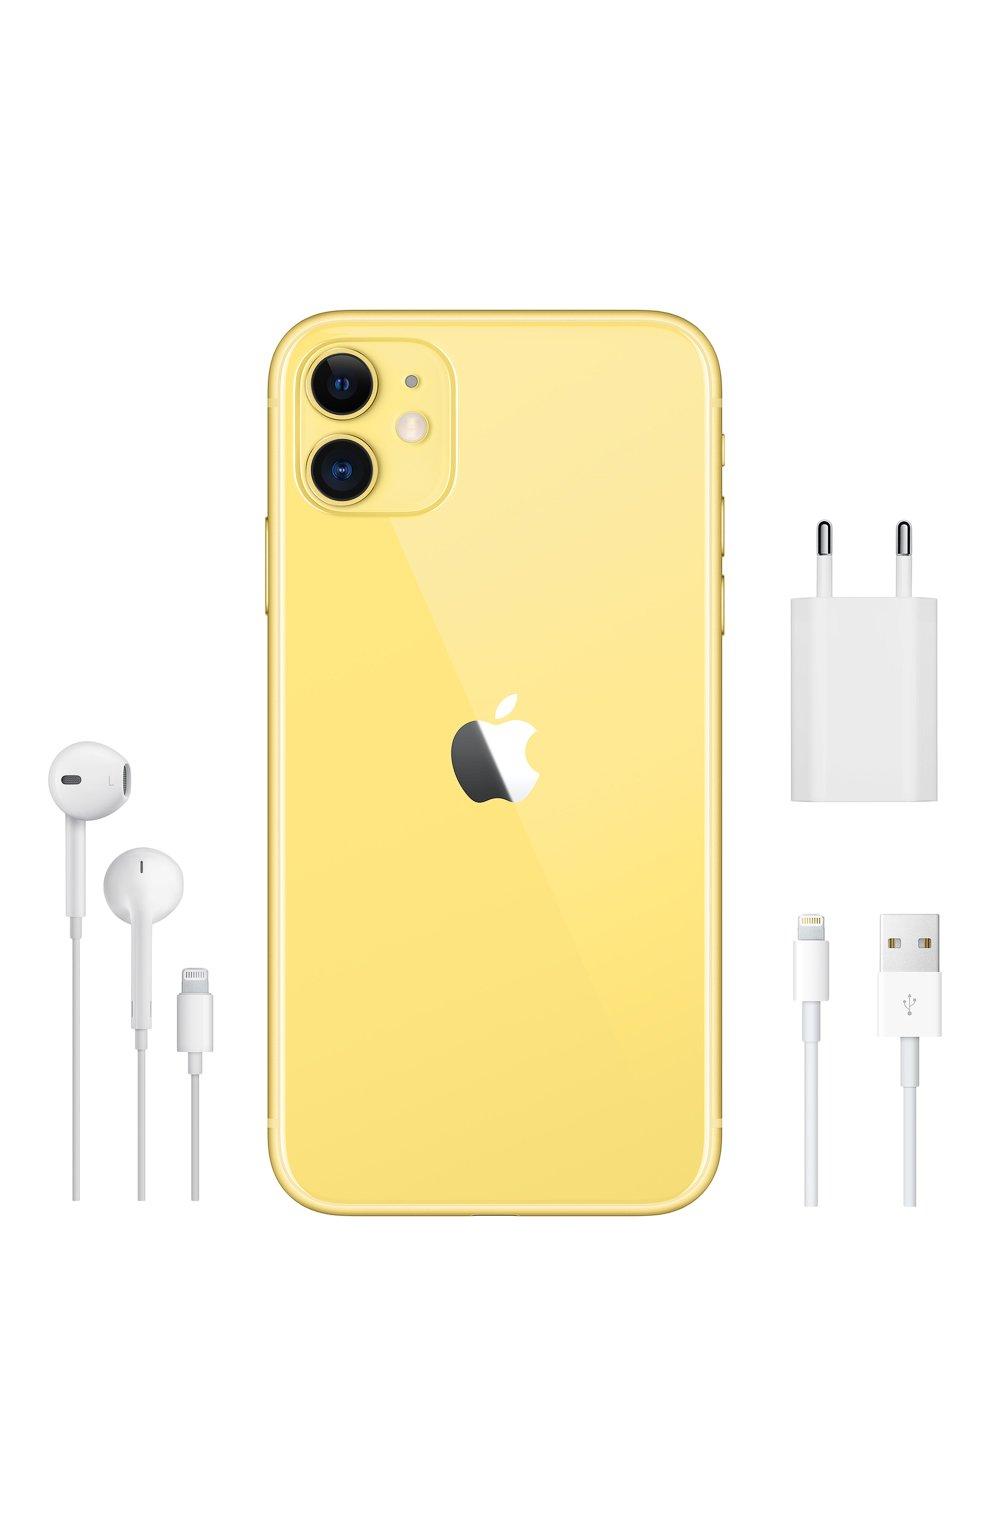 Мужской iphone 11 256gb yellow APPLE  yellow цвета, арт. MWMA2RU/A   Фото 5